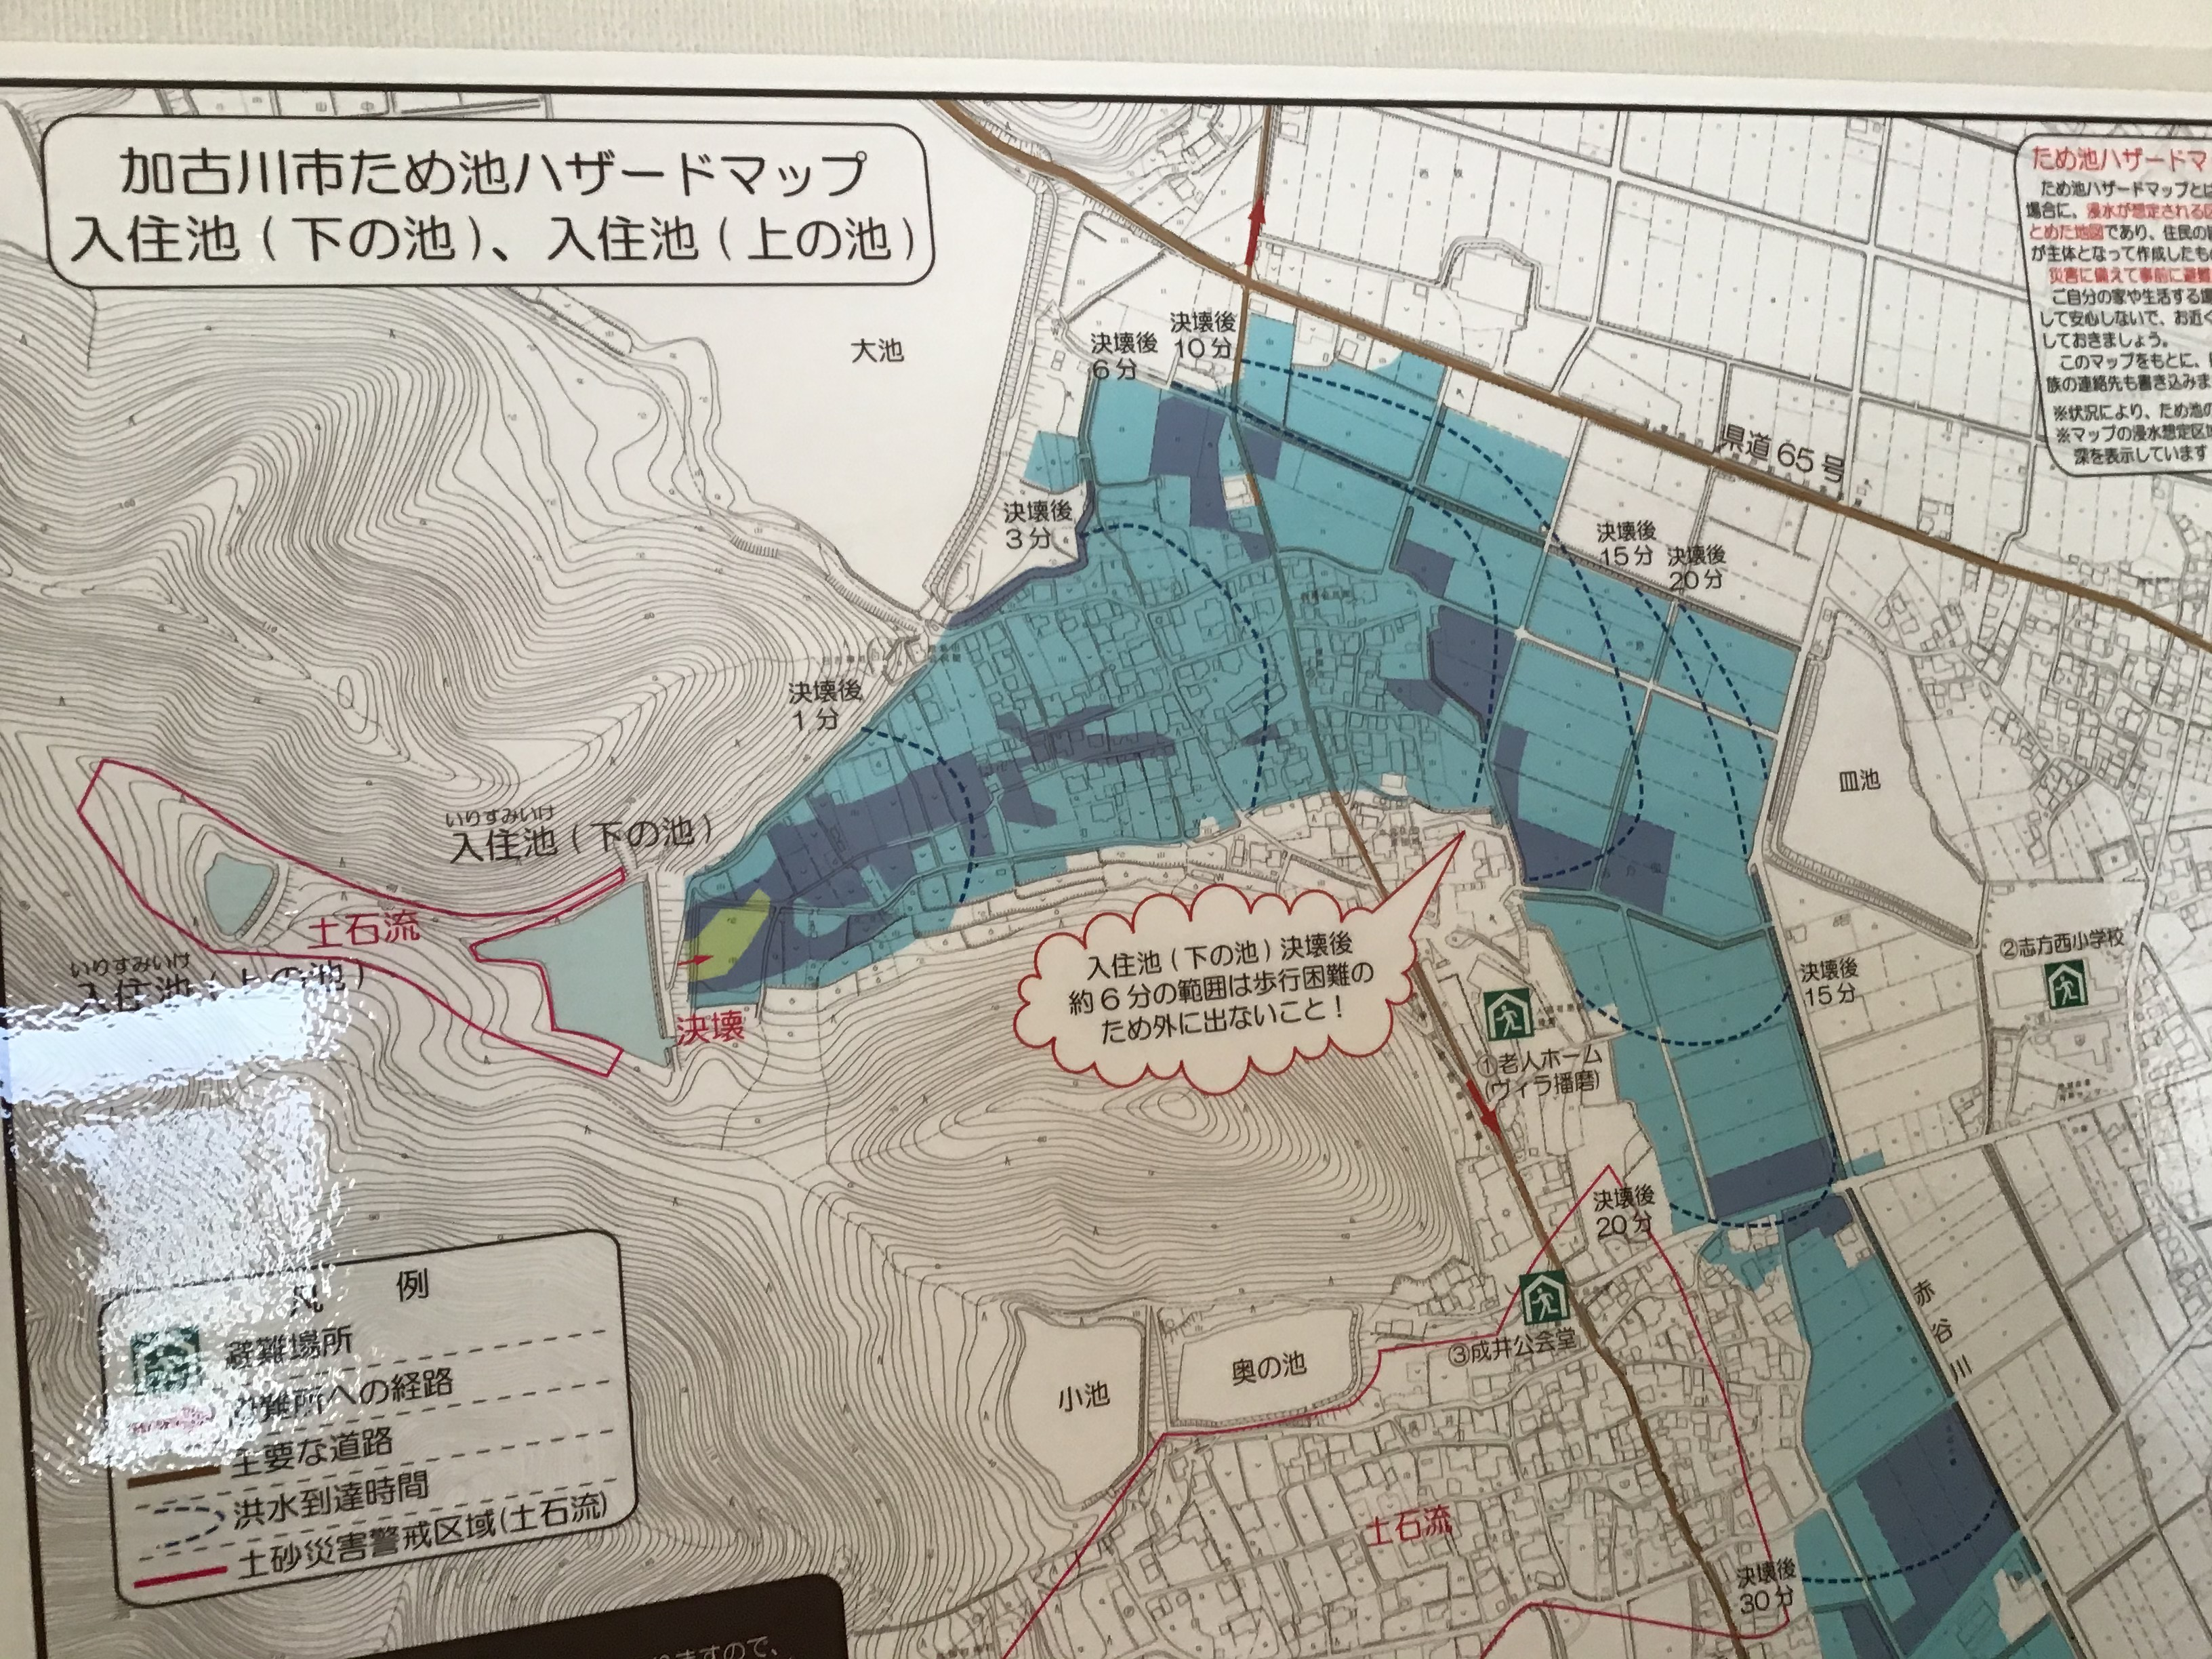 原新田公民館内に飾ってある入住池決壊時のため池ハザードマップ